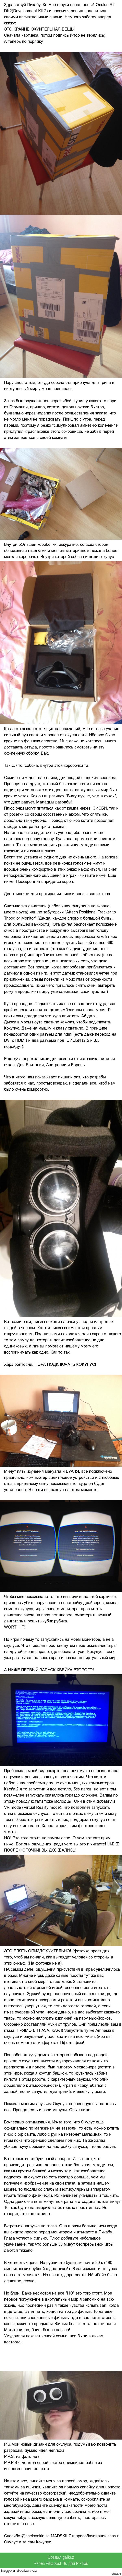 Впечатления от Oculus Rift DK2. Во время установки я так-то не неплохо собаку покусал, так что если есть у вас есть проблемы и вы не знаете как их решить gaikuz to the rescue!